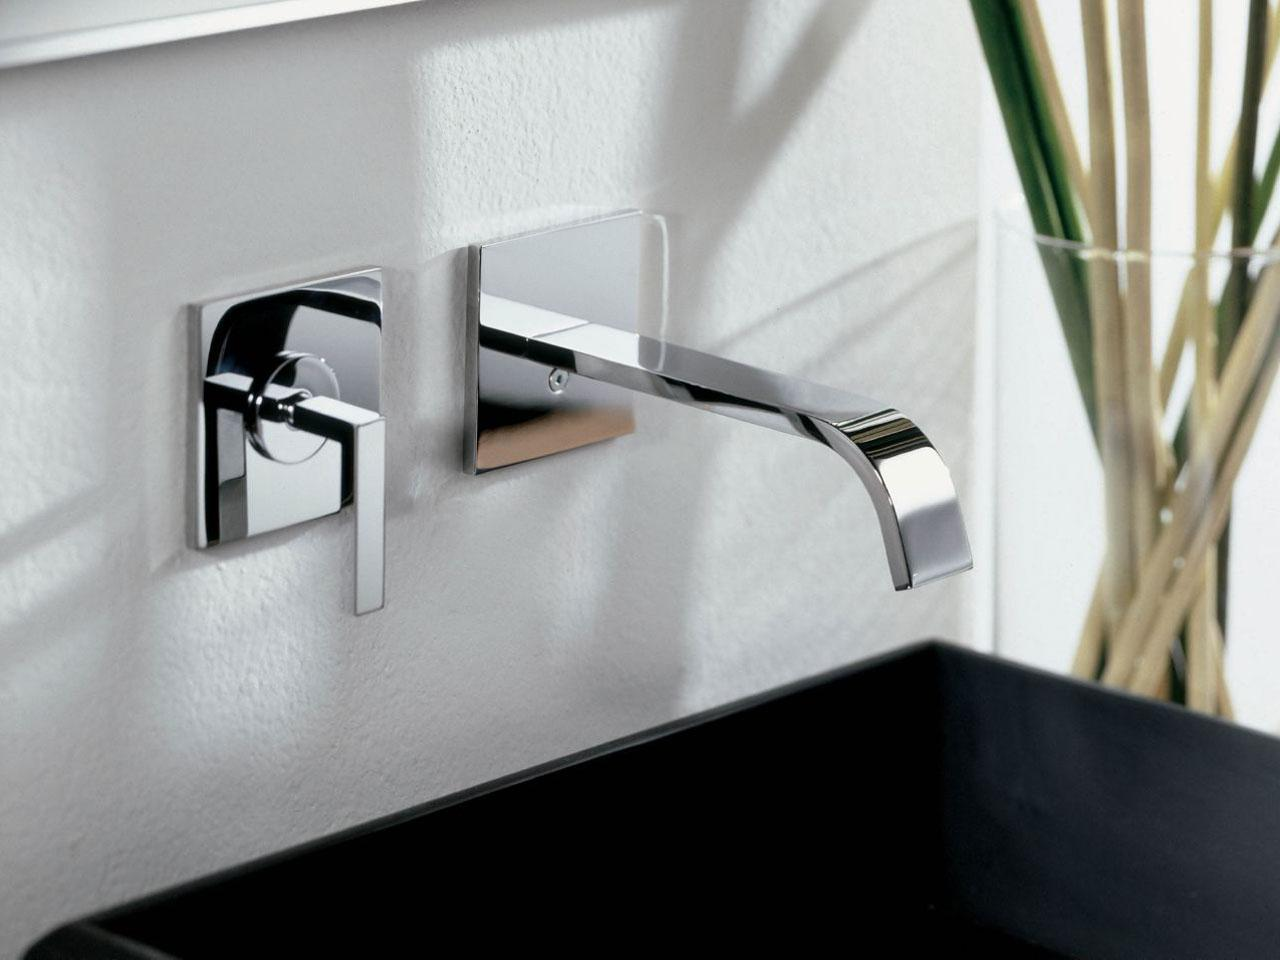 Vasca Da Bagno Ceramica Esiste Ancora : Scegliere la rubinetteria da bagno ecco cosa è importante sapere